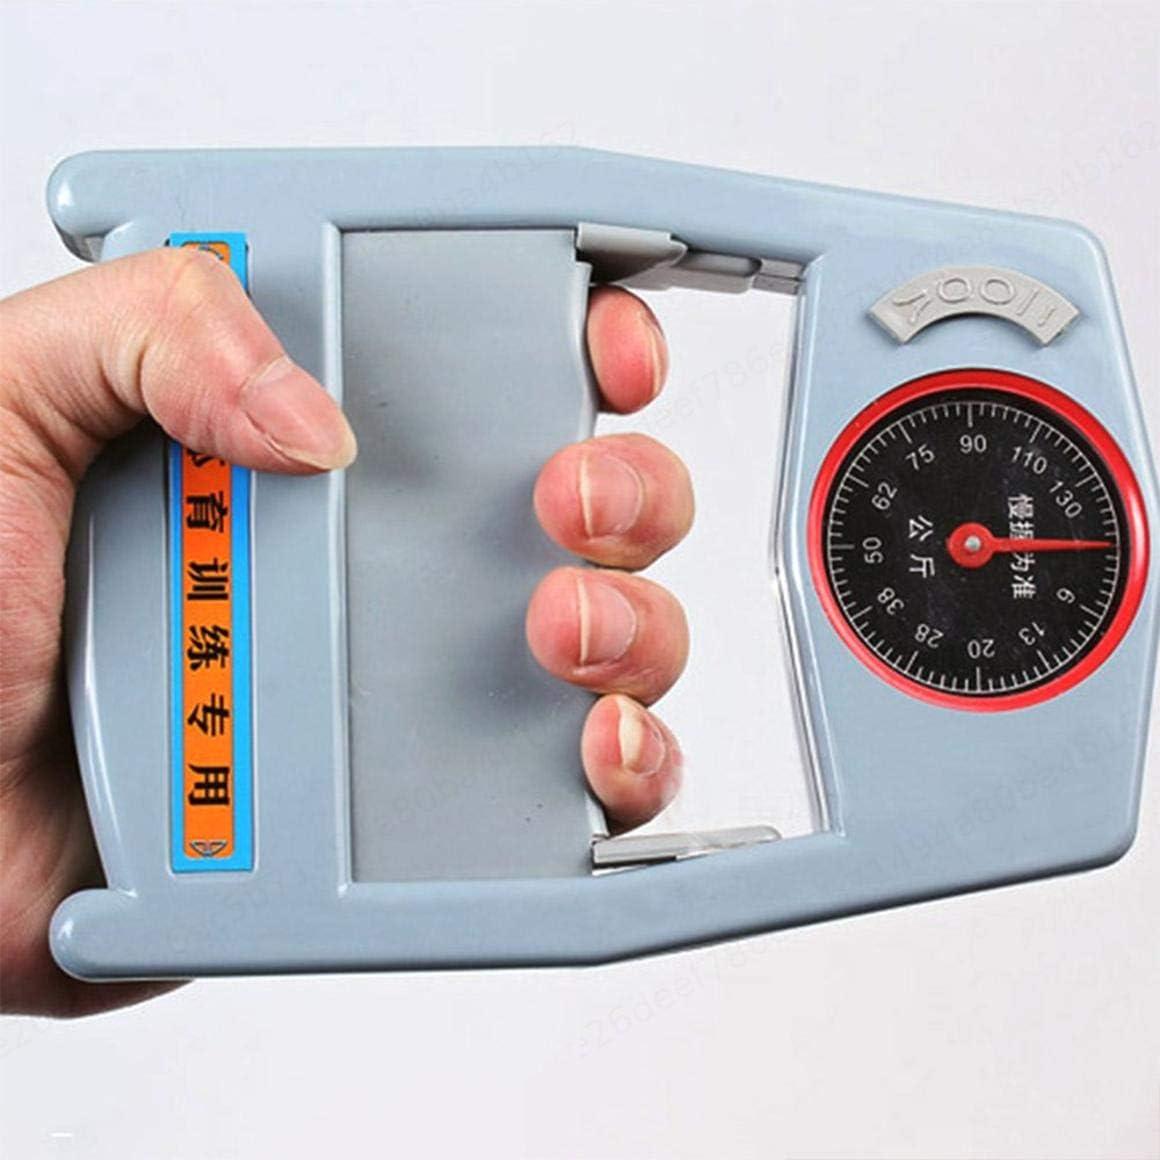 Ejercicio de Aptitud Medidor de Fuerza de Agarre de la Mano Dinam/ómetro de Mano Medidor de Potencia de la Mano ZOZOSEP Medici/ón de la Fuerza de Agarre de la Mano Potencia